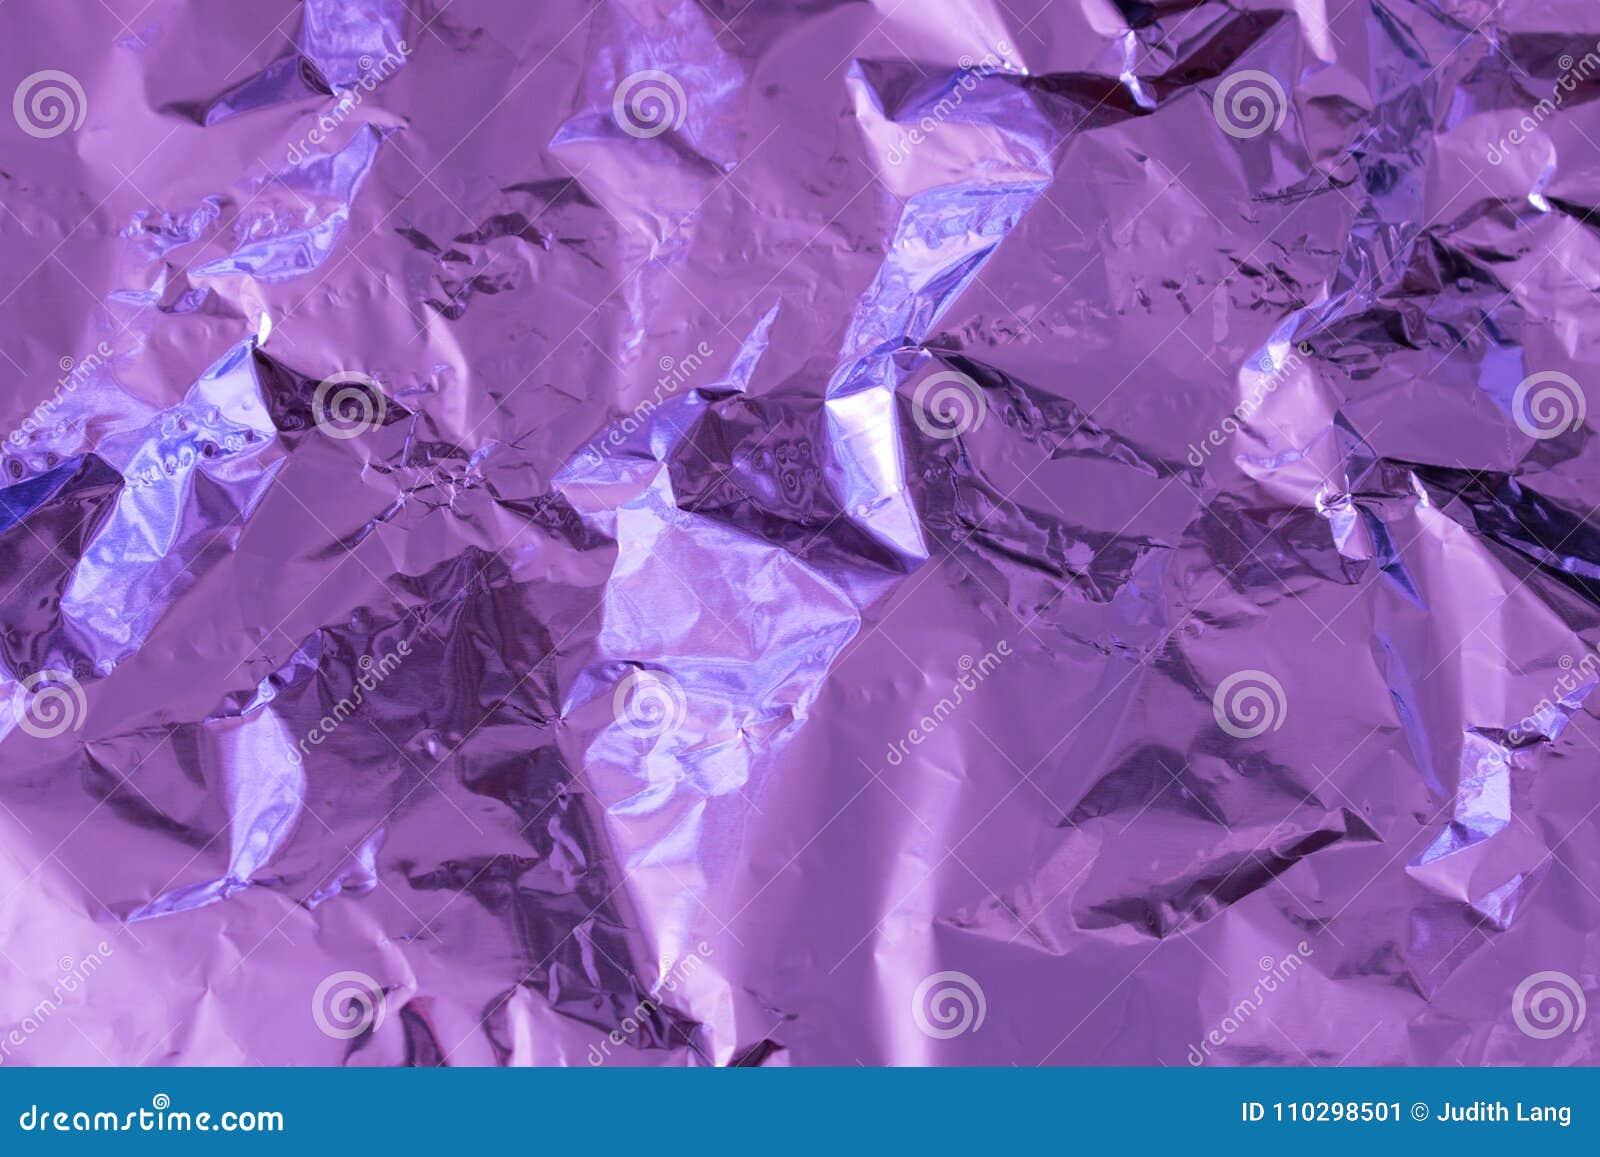 Πορφυρό υπόβαθρο σύστασης φύλλων αλουμινίου